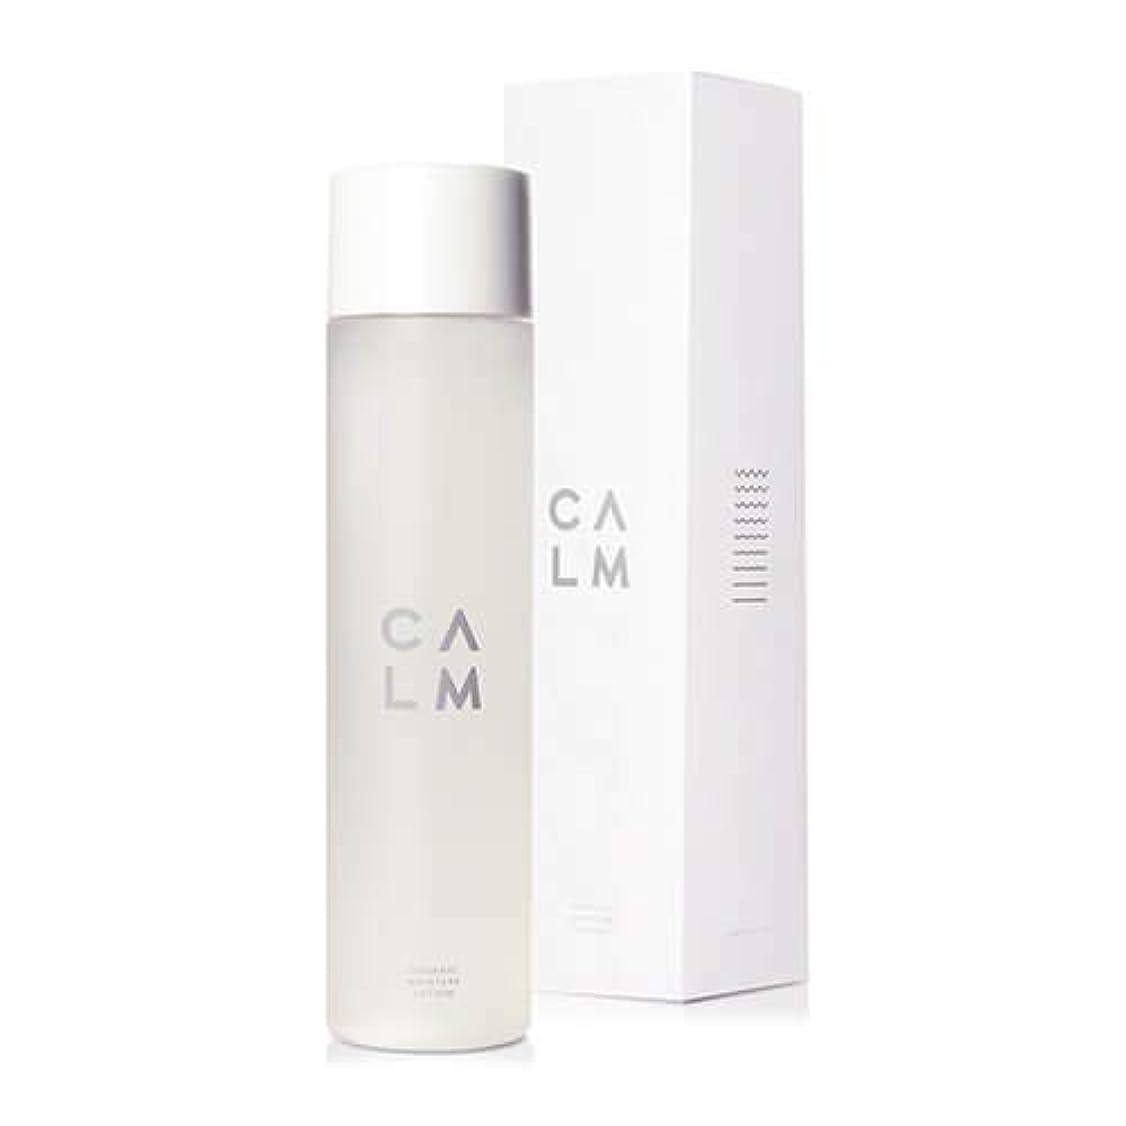 反射サンプル決定カーム CALM モイスチャーローション (化粧水) 150ml